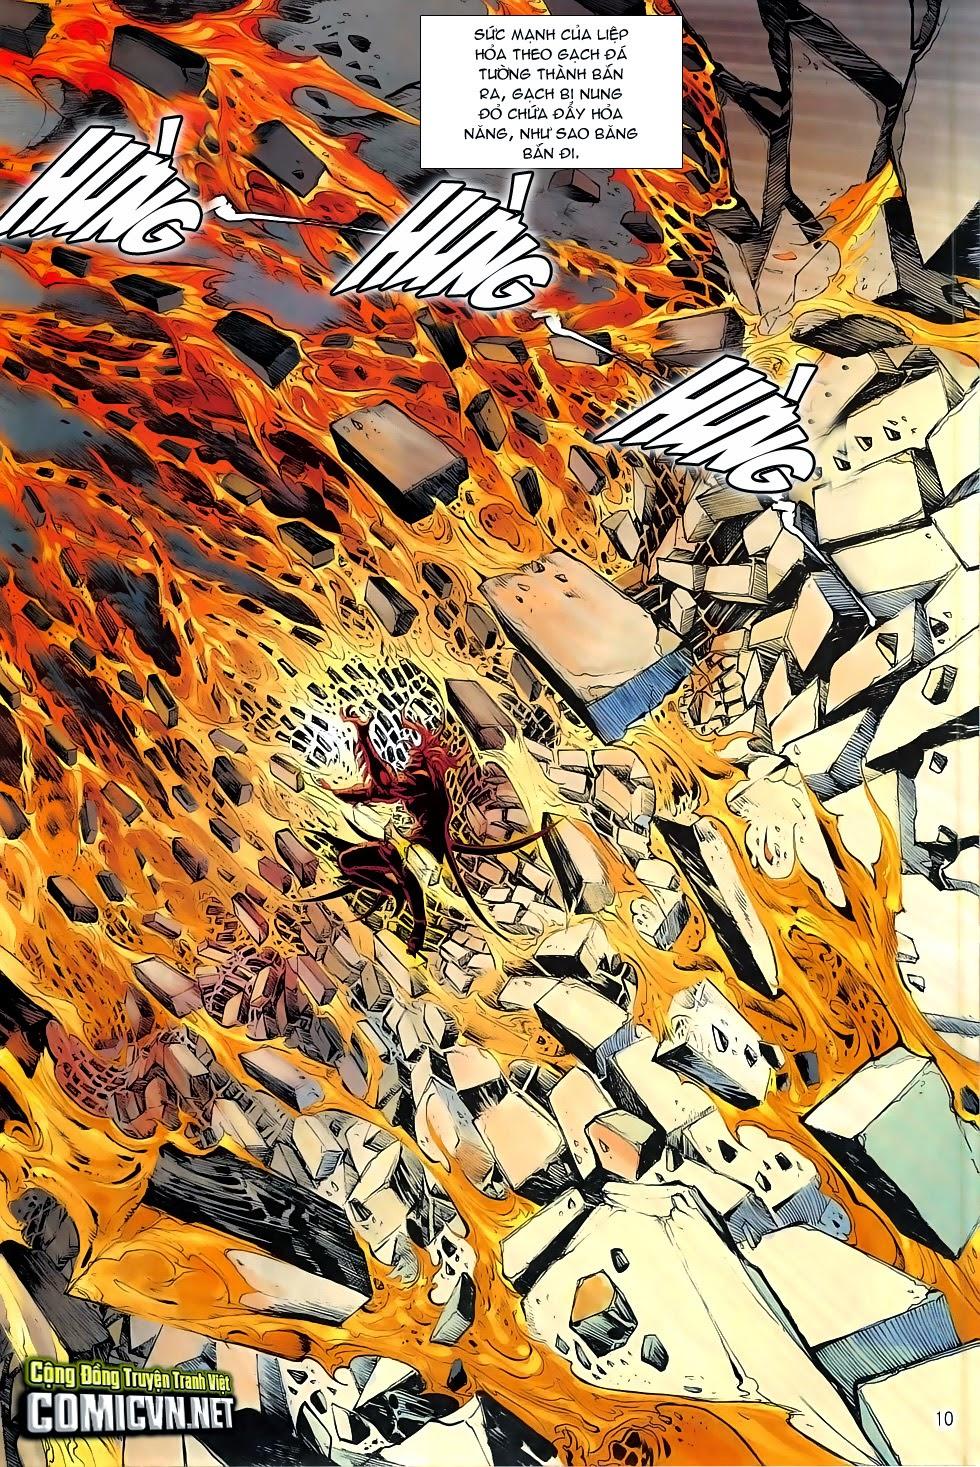 Chiến Phổ chapter 5: lôi hỏa kinh thiên chiến trang 10